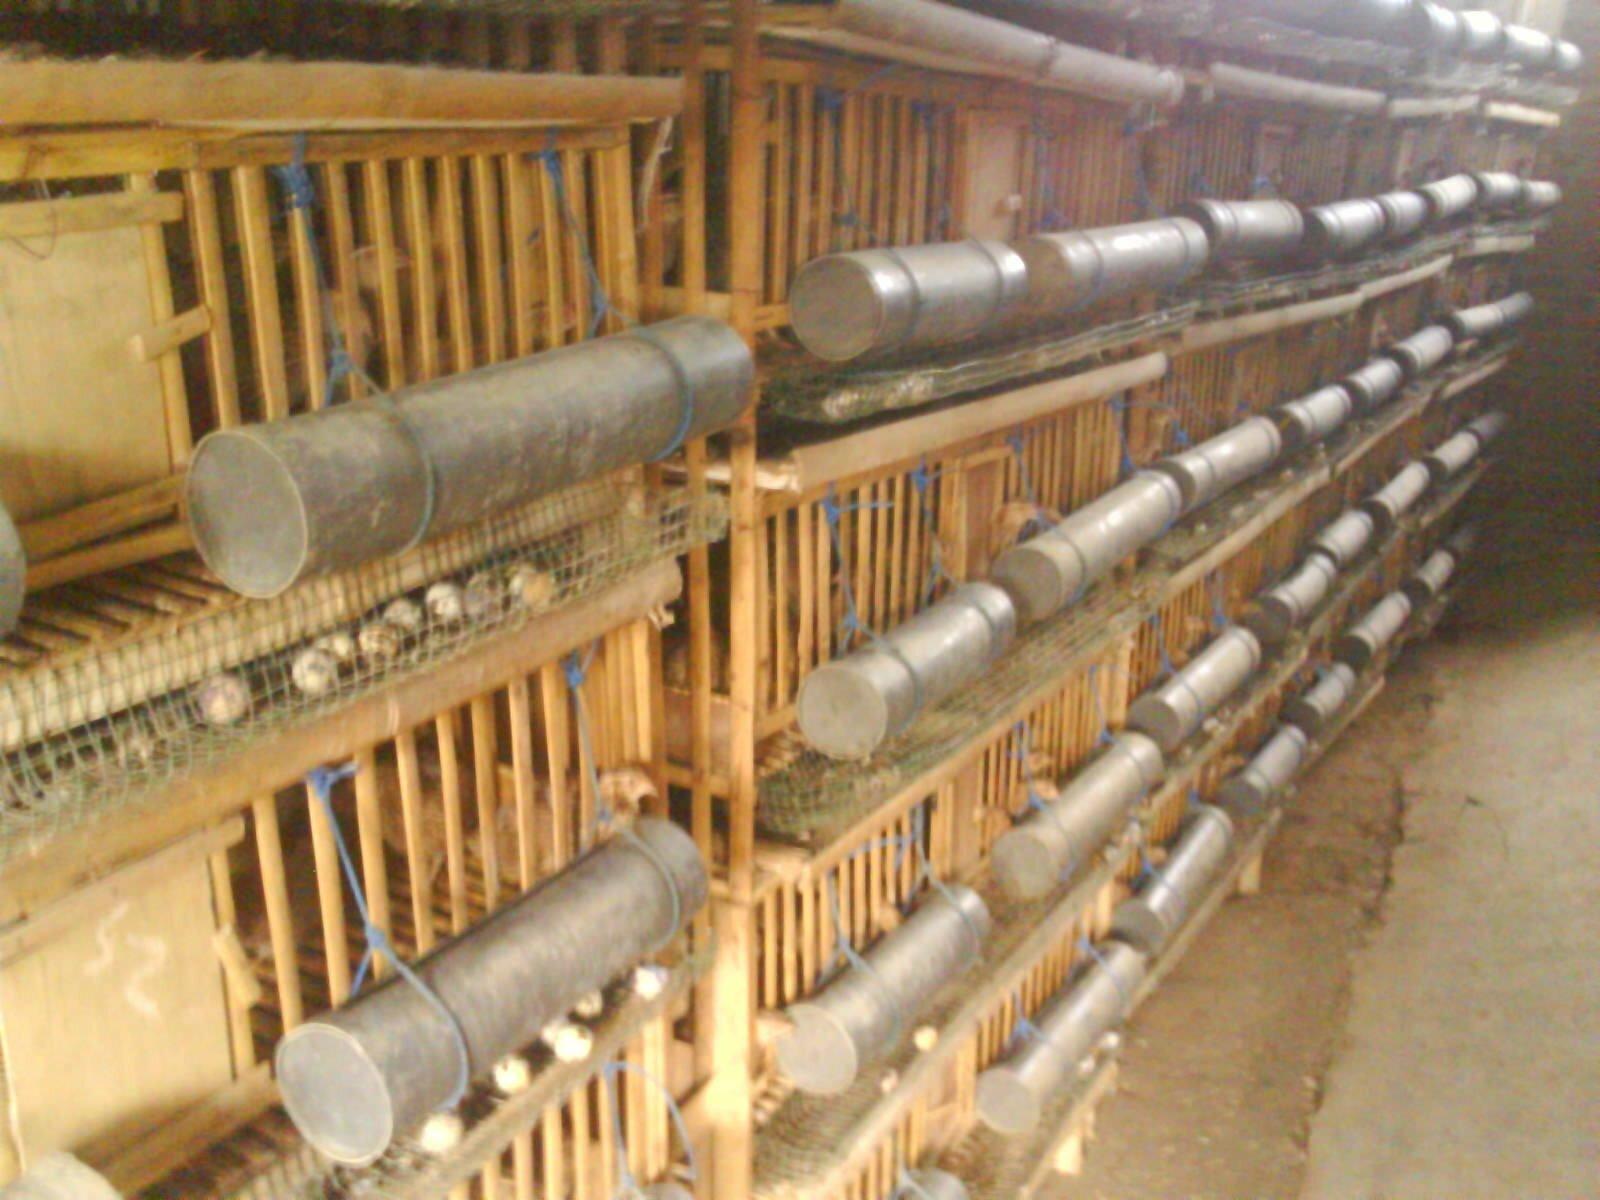 kandang-bambu-puyuh-petelur-5739163